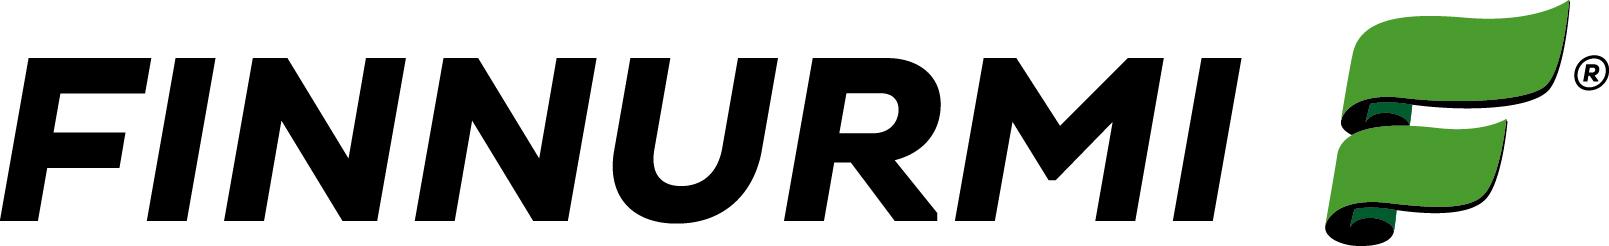 Finnurmi_logo